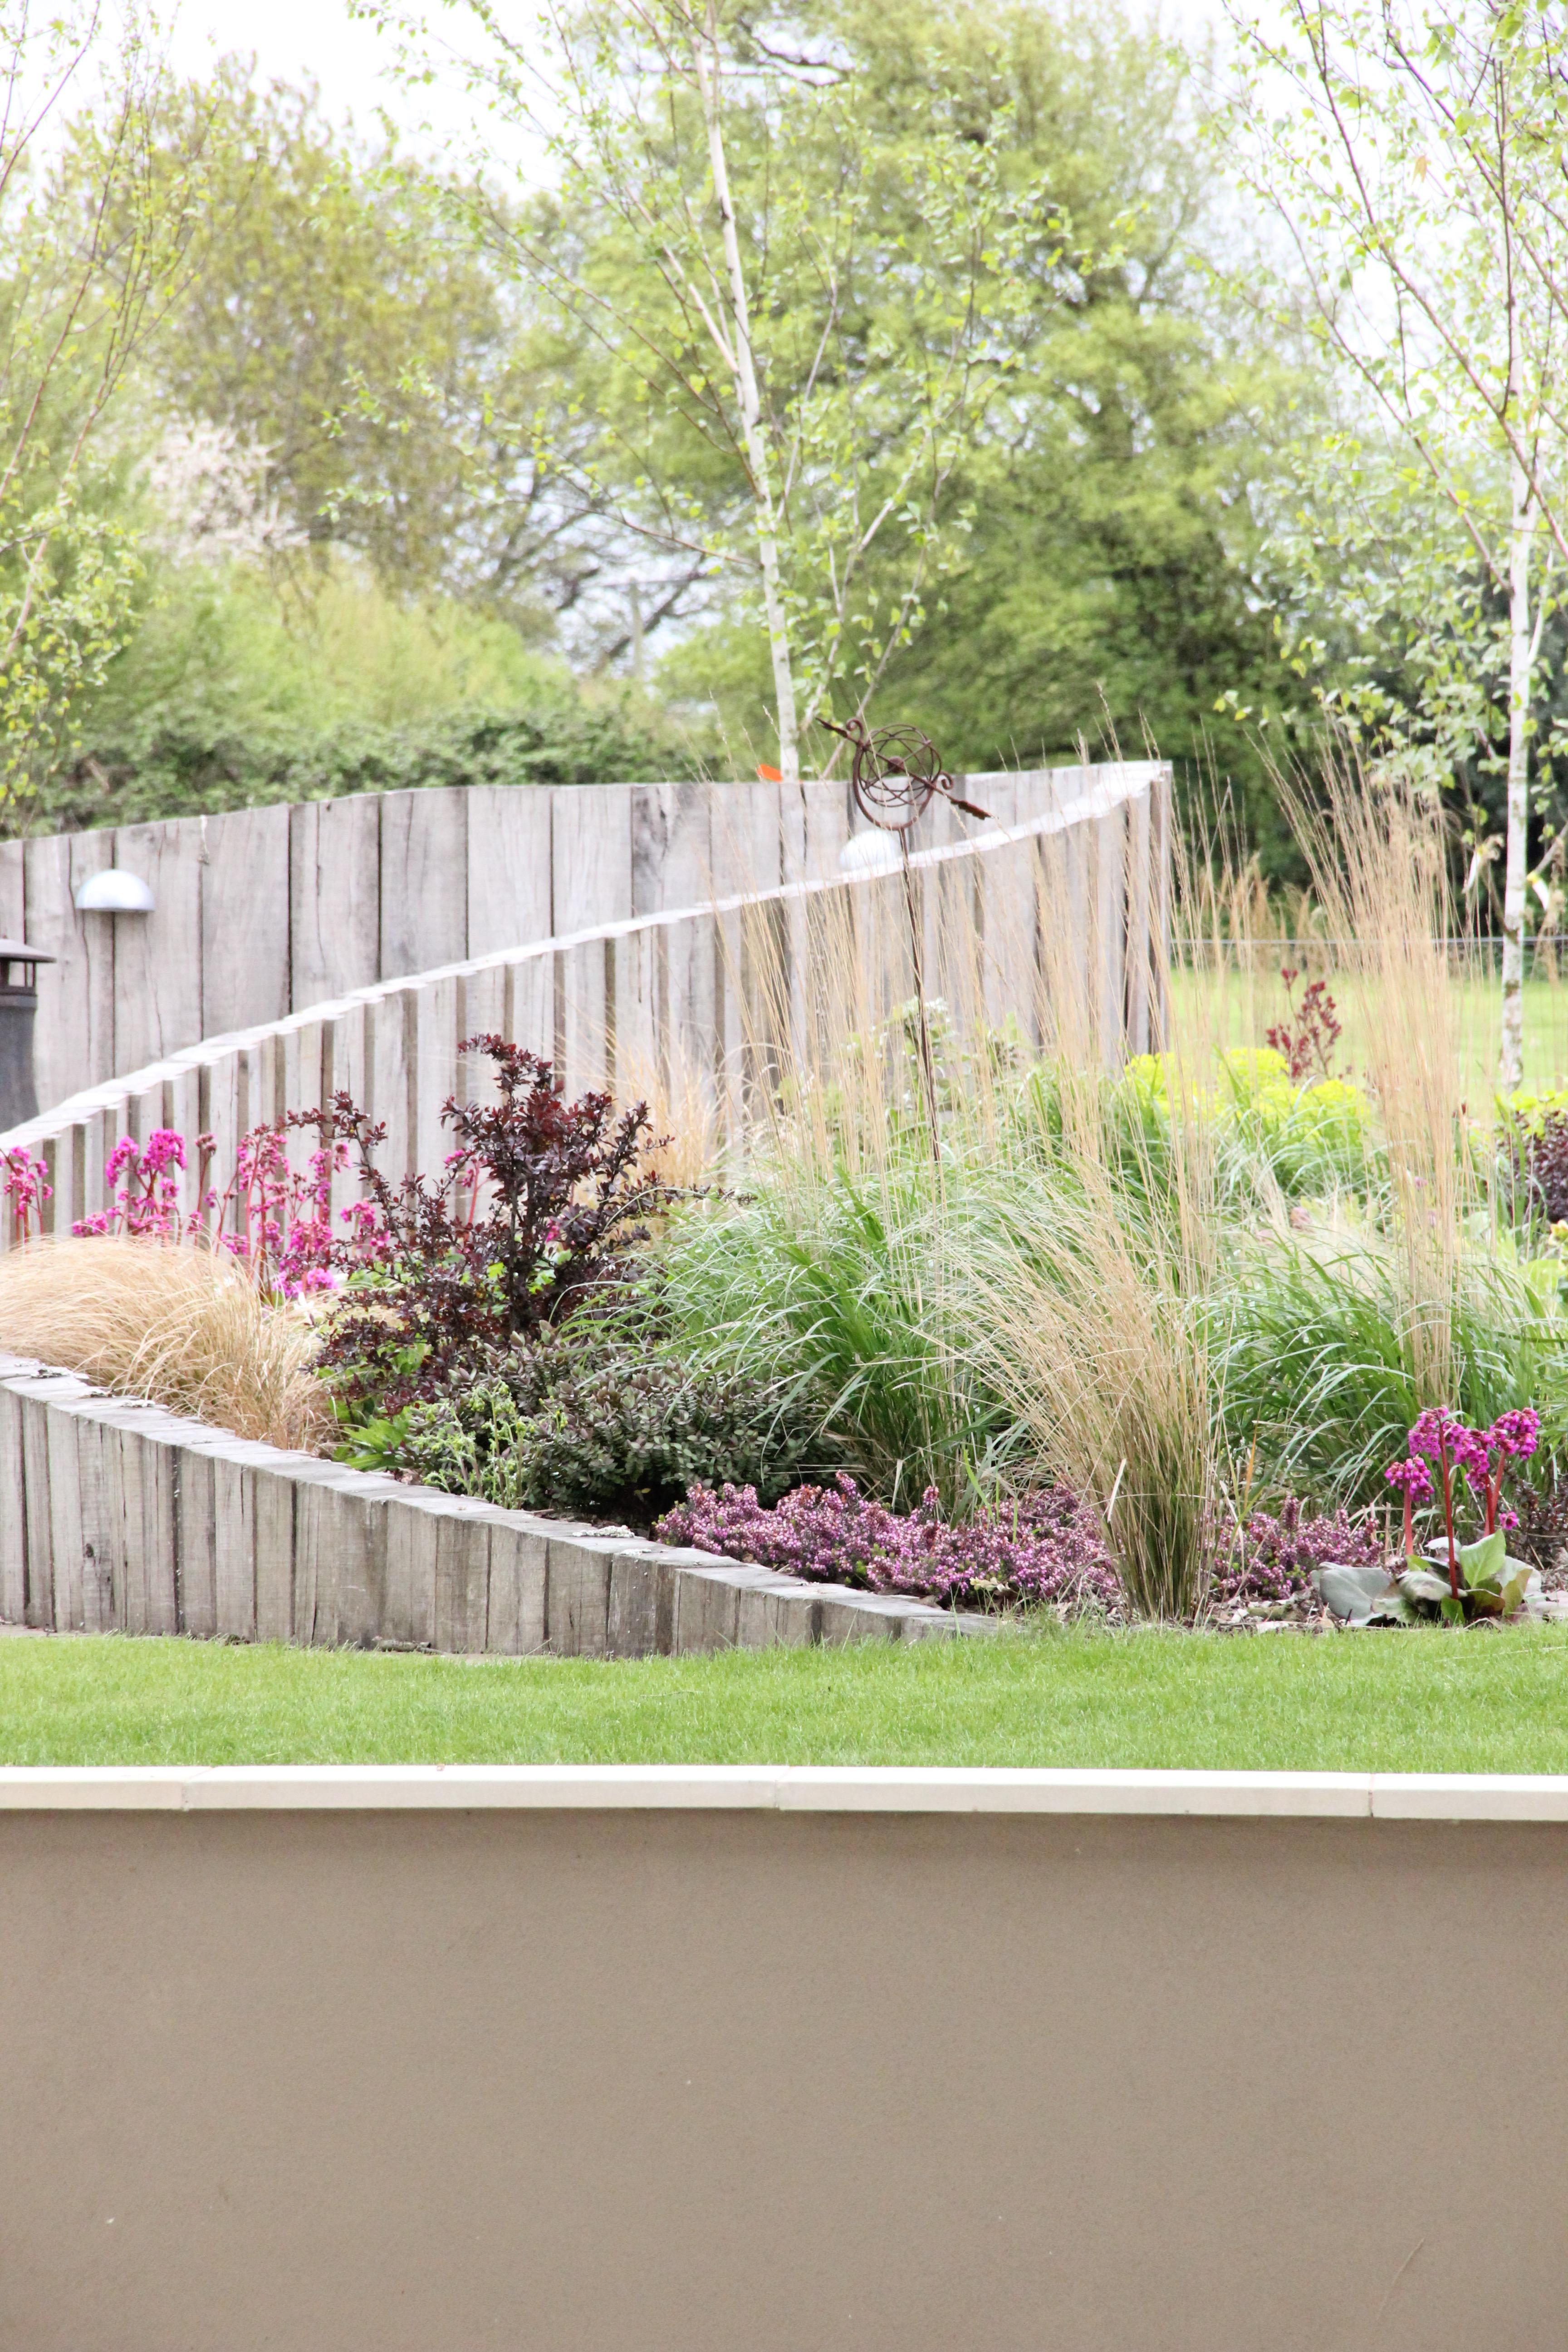 Hertfordshire garden design and planting by Amanda Broughton Garden Design